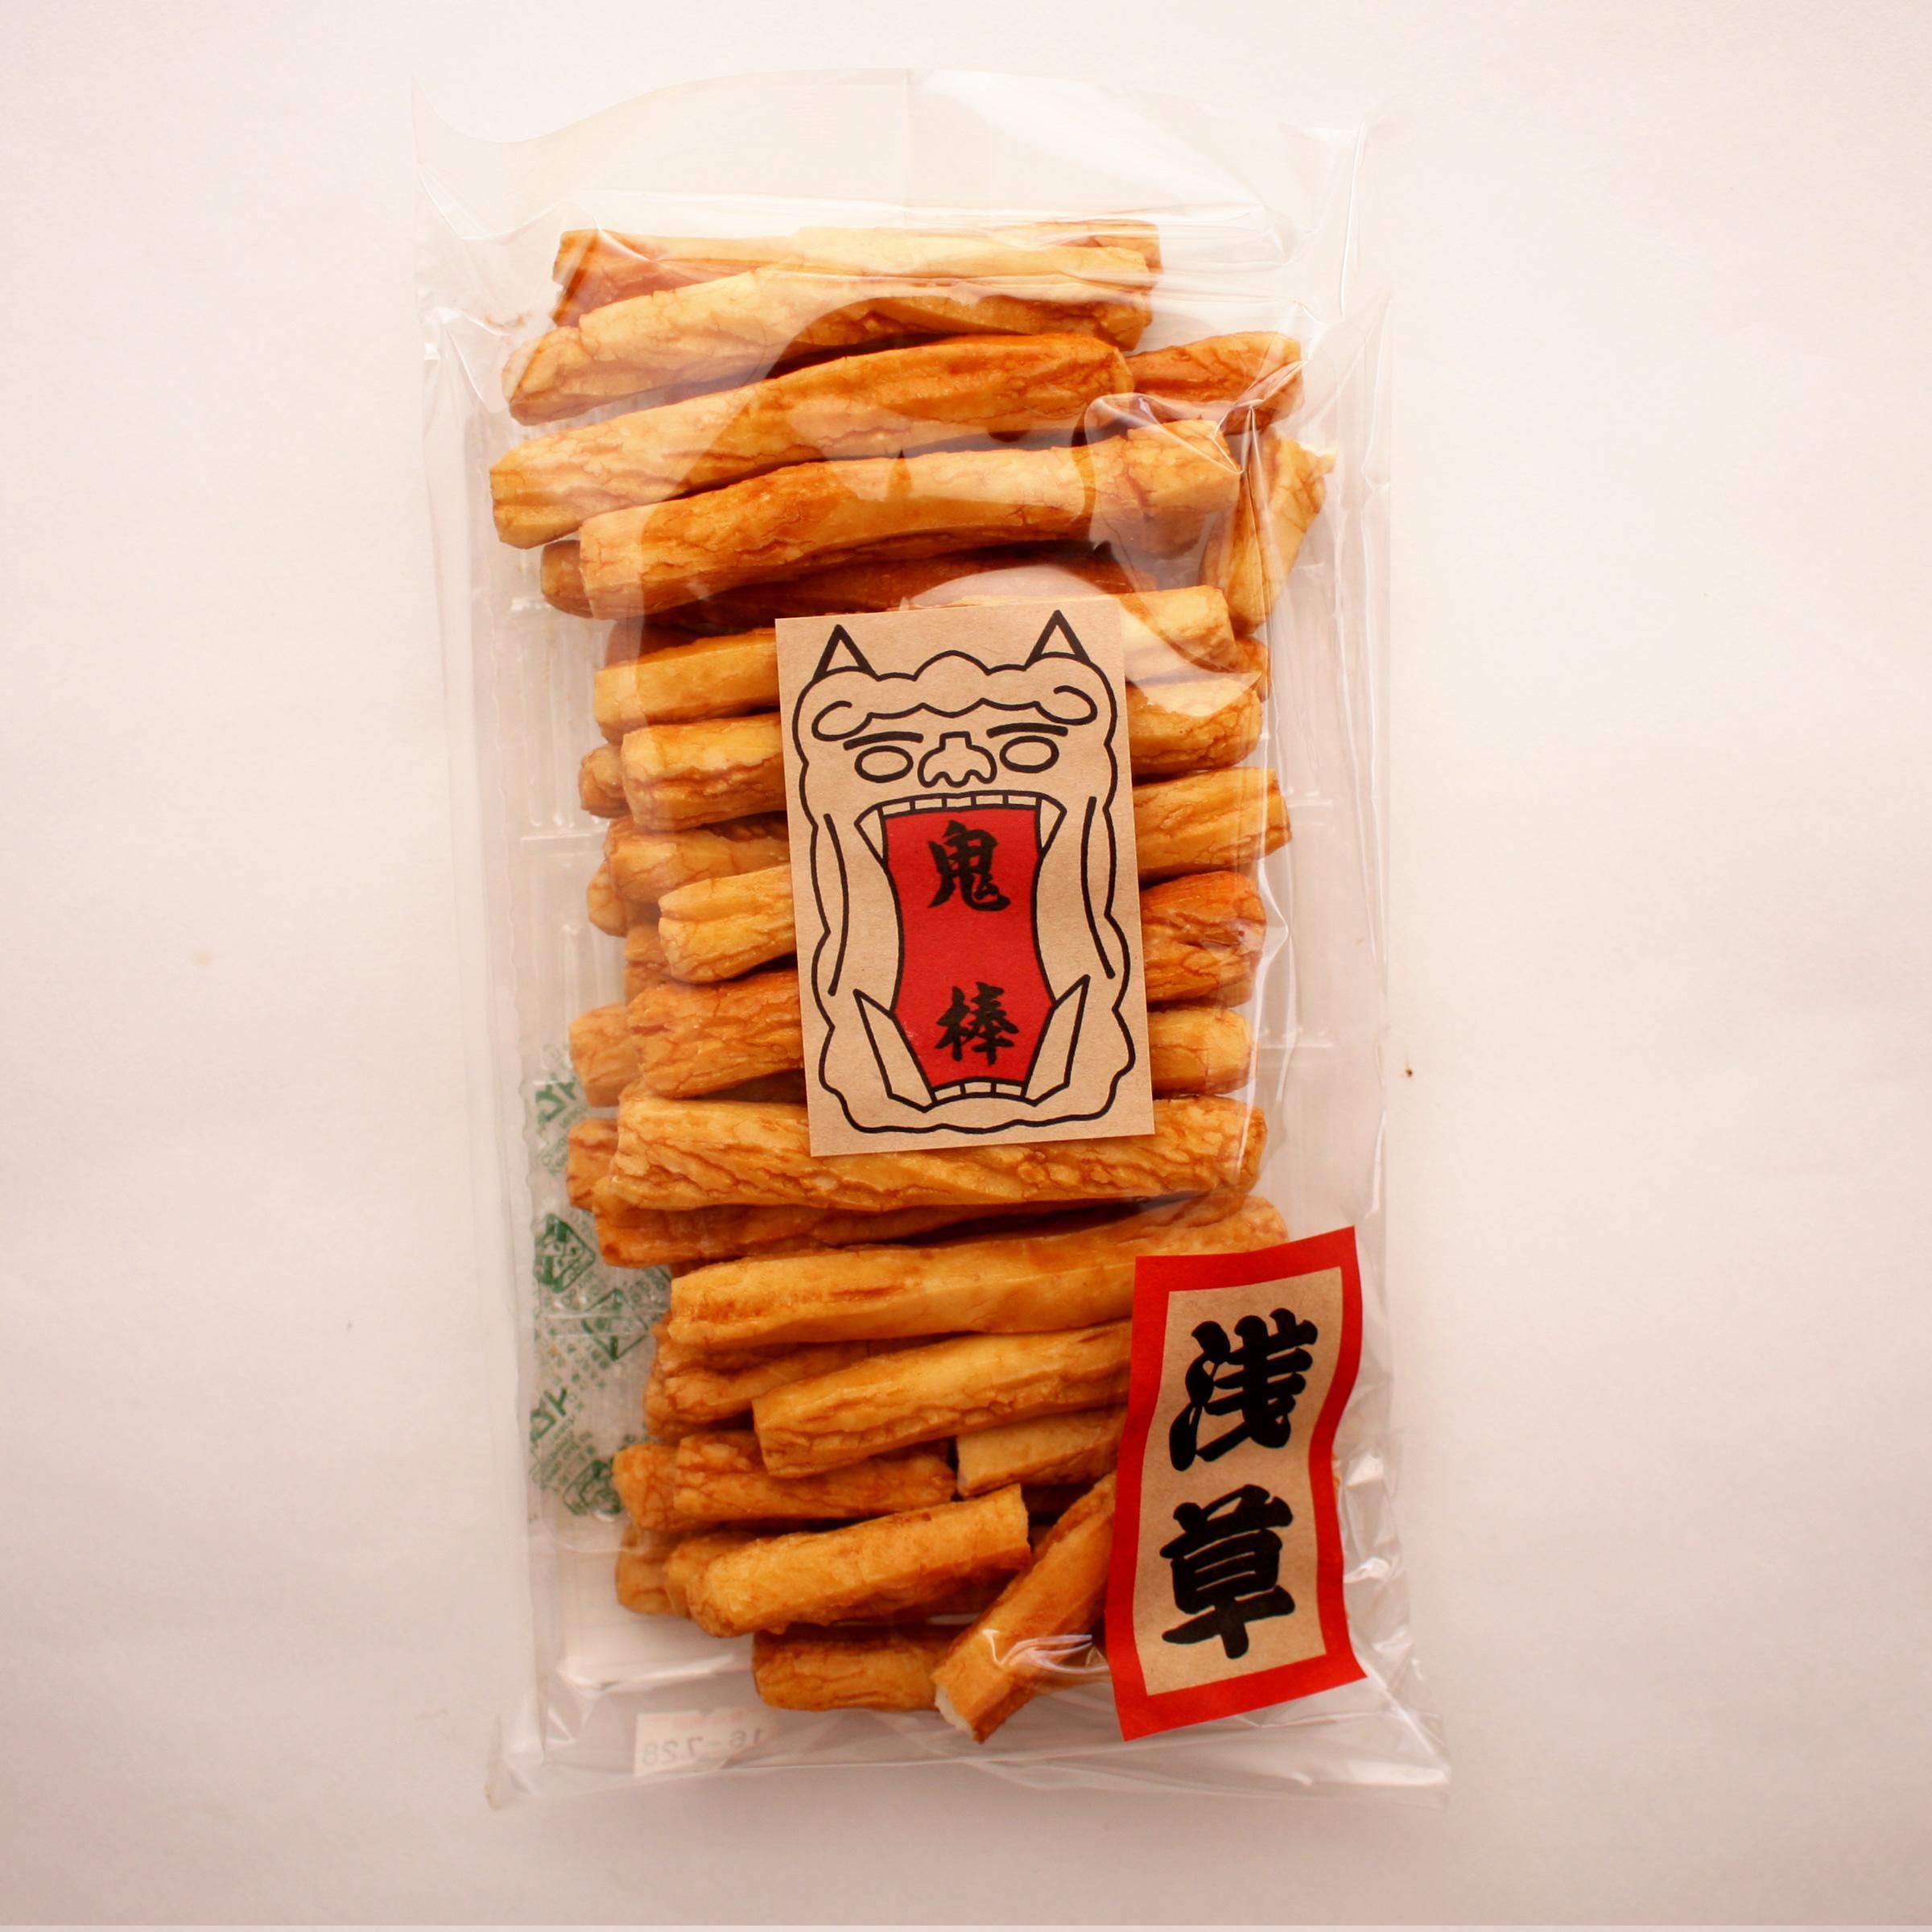 堅いけれども細長い棒状の形で食べやすい煎餅です。 桃太郎の鬼に金棒ならぬ鬼棒です。おためしの価値あり!